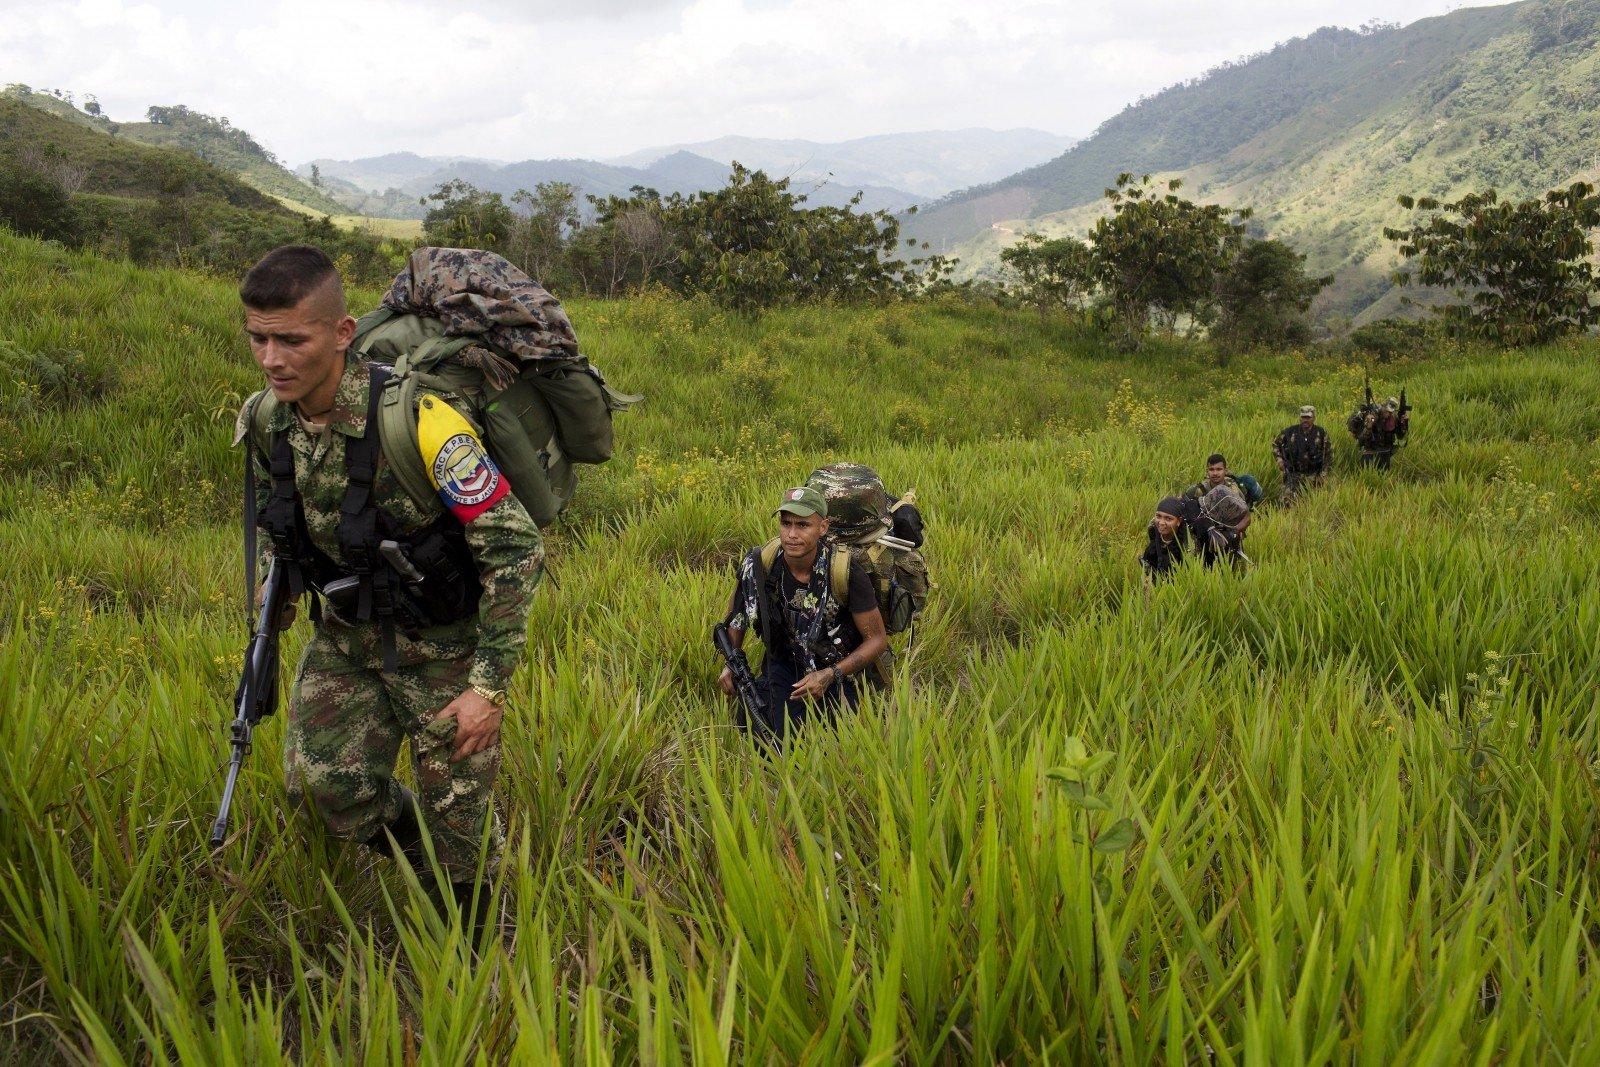 Референдум омире сповстанцами происходит вКолумбии